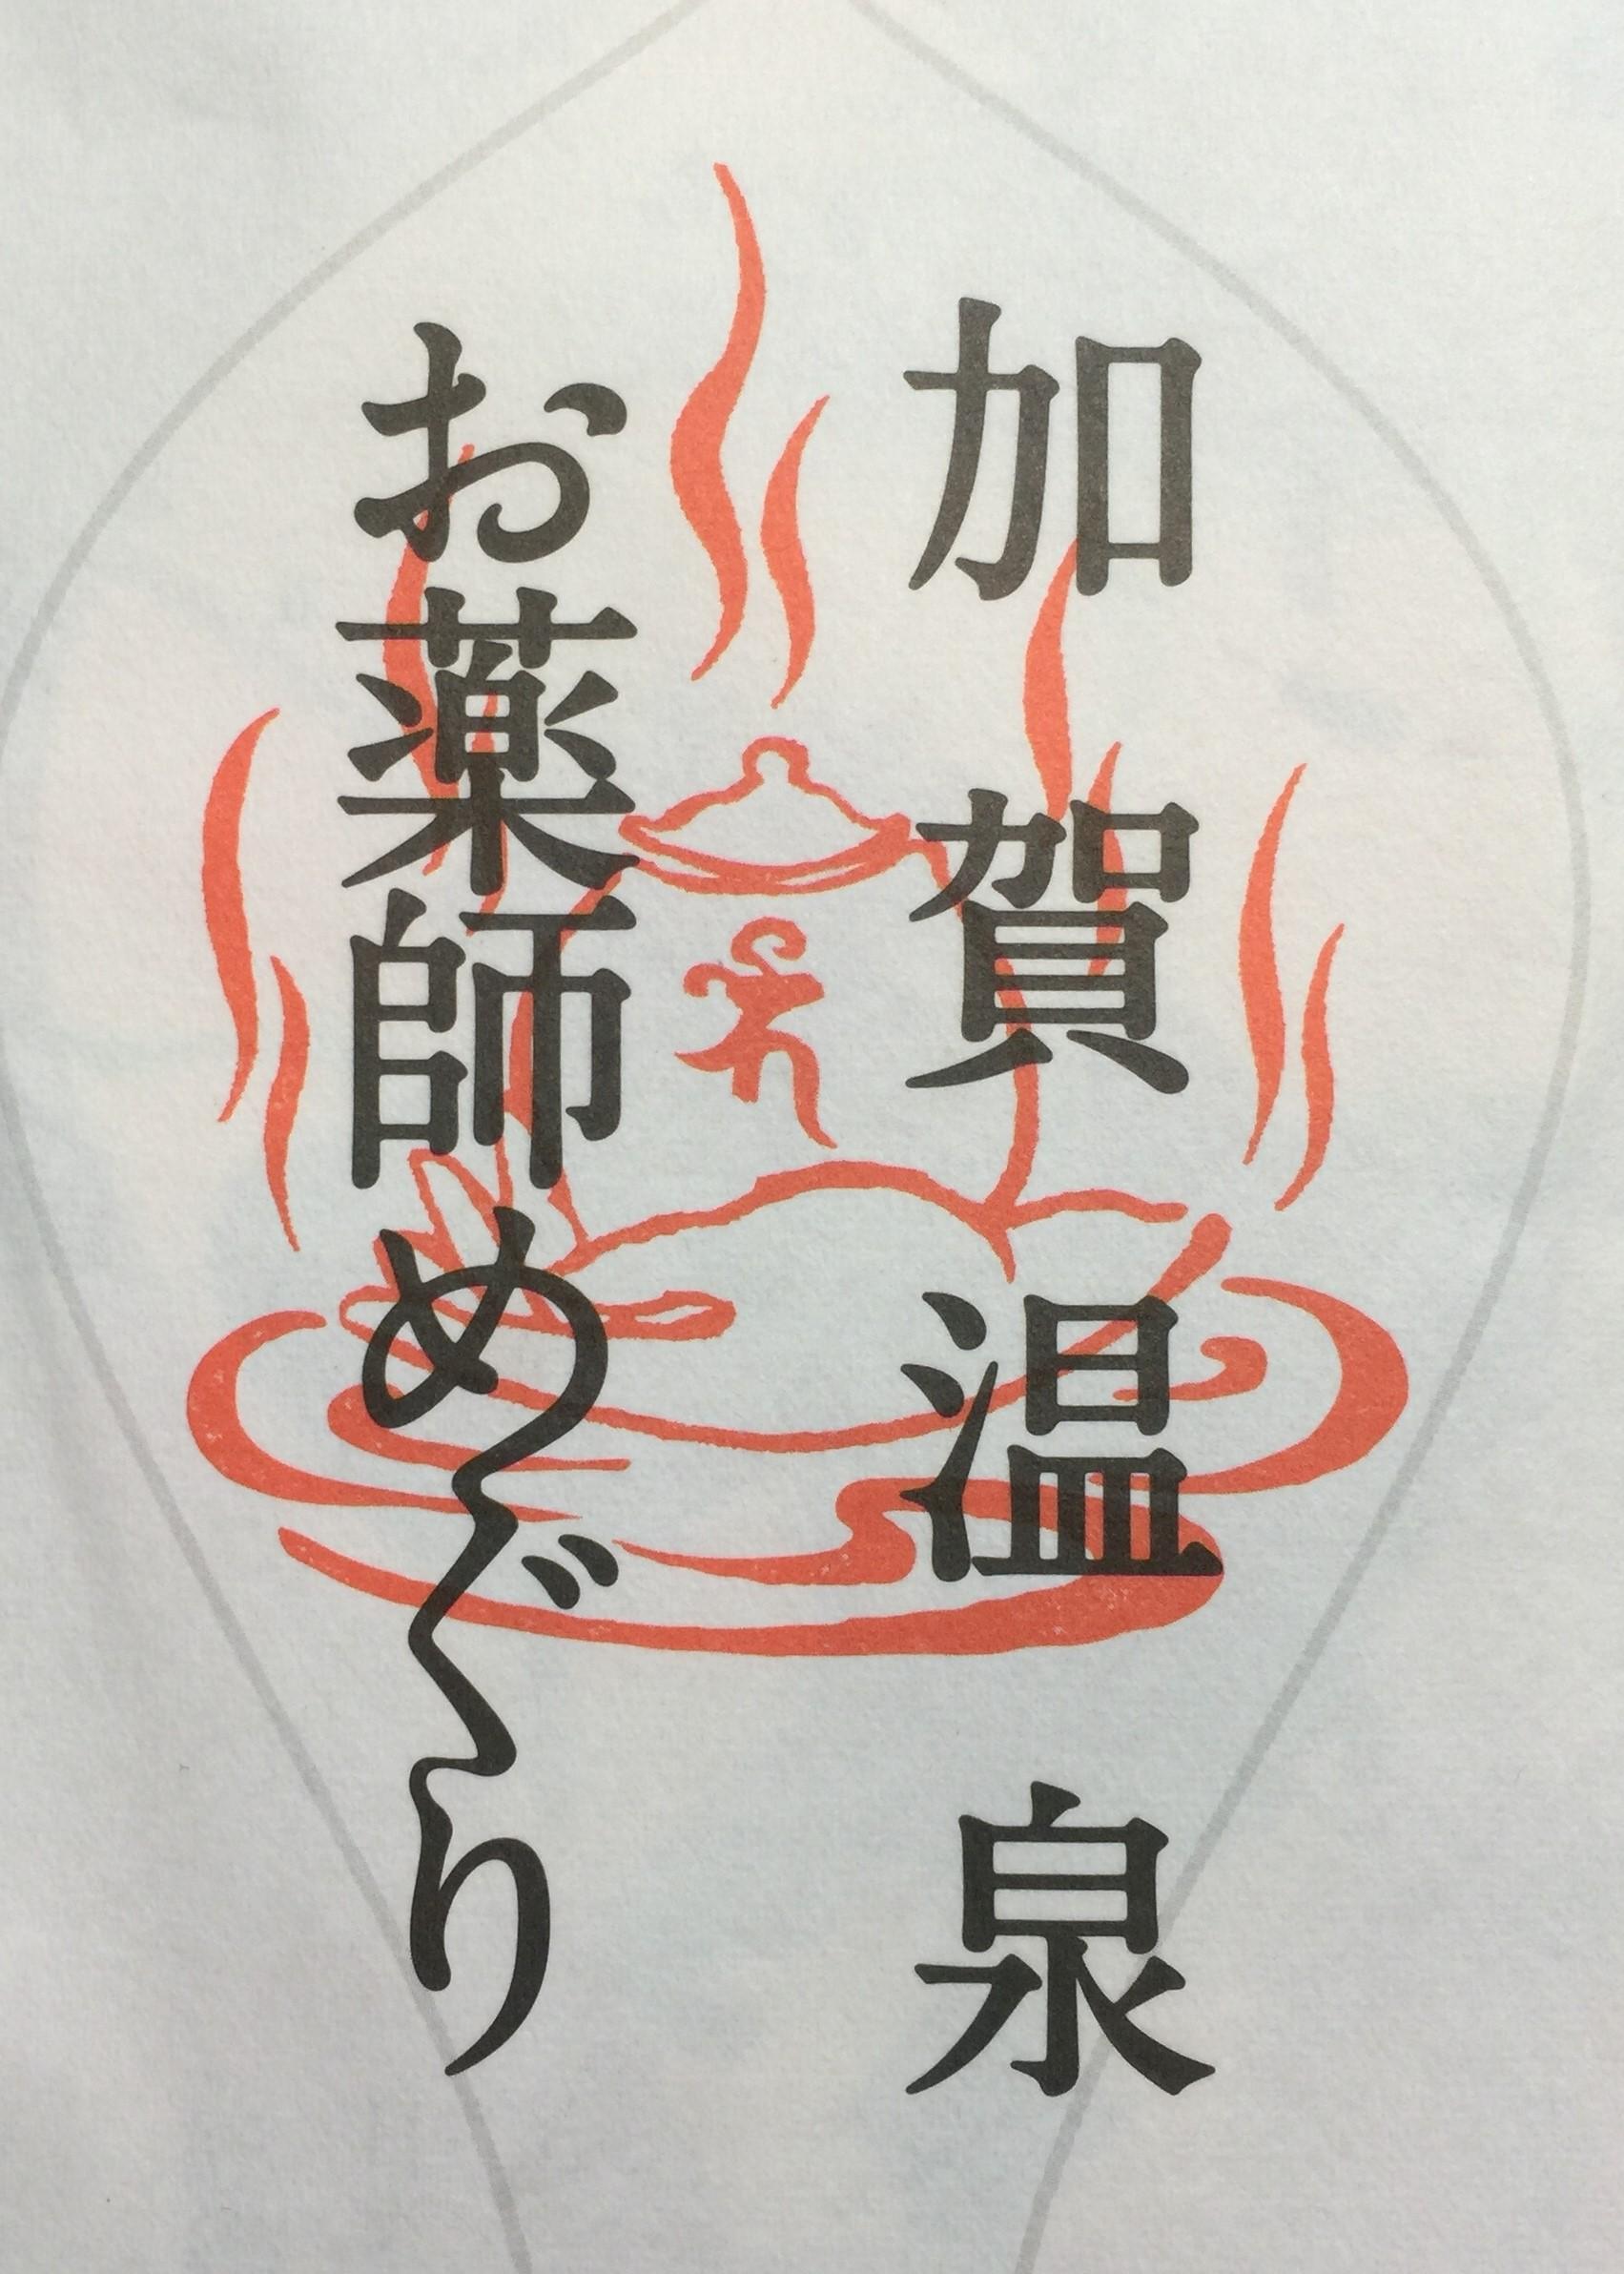 IMG_4325 - コピー (2)